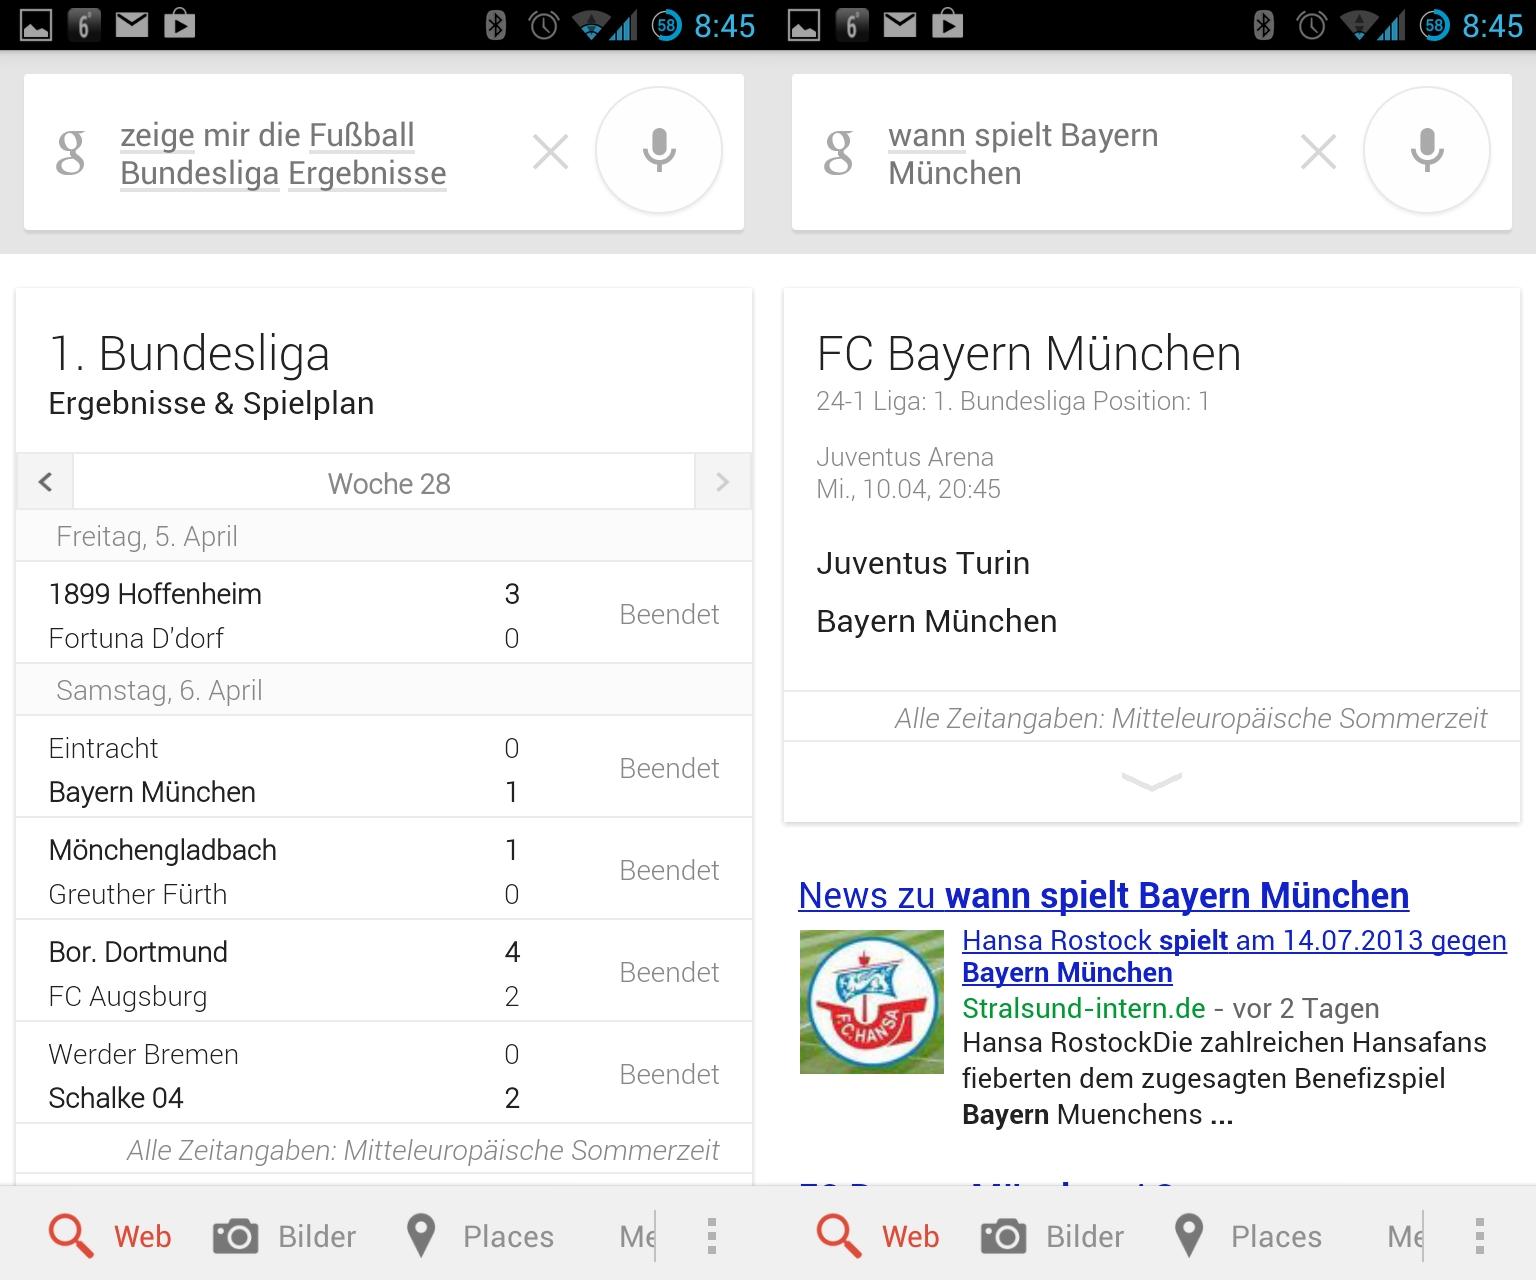 Google Now kennt nun auch die Ergebnisse der Fußball-Bundesliga. Fragen zu den nächsten Spielen werden ebenfalls beantwortet. Eine Sprachausgabe bei diesem Beispiel fand nicht statt.